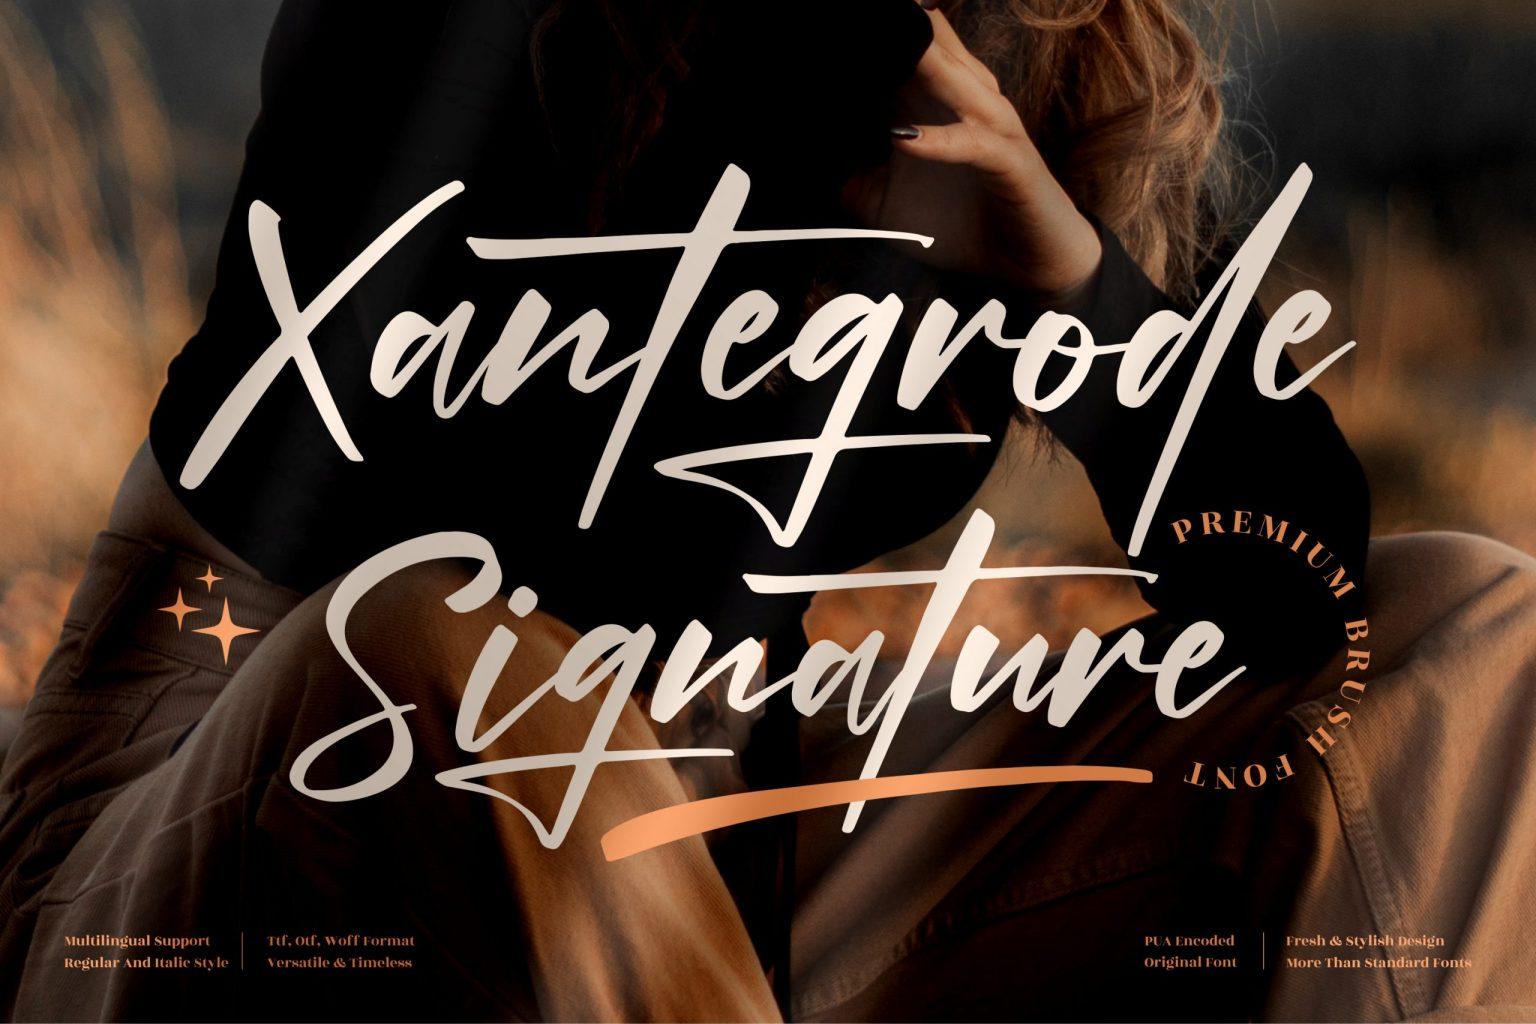 Xantegrode Signature Font